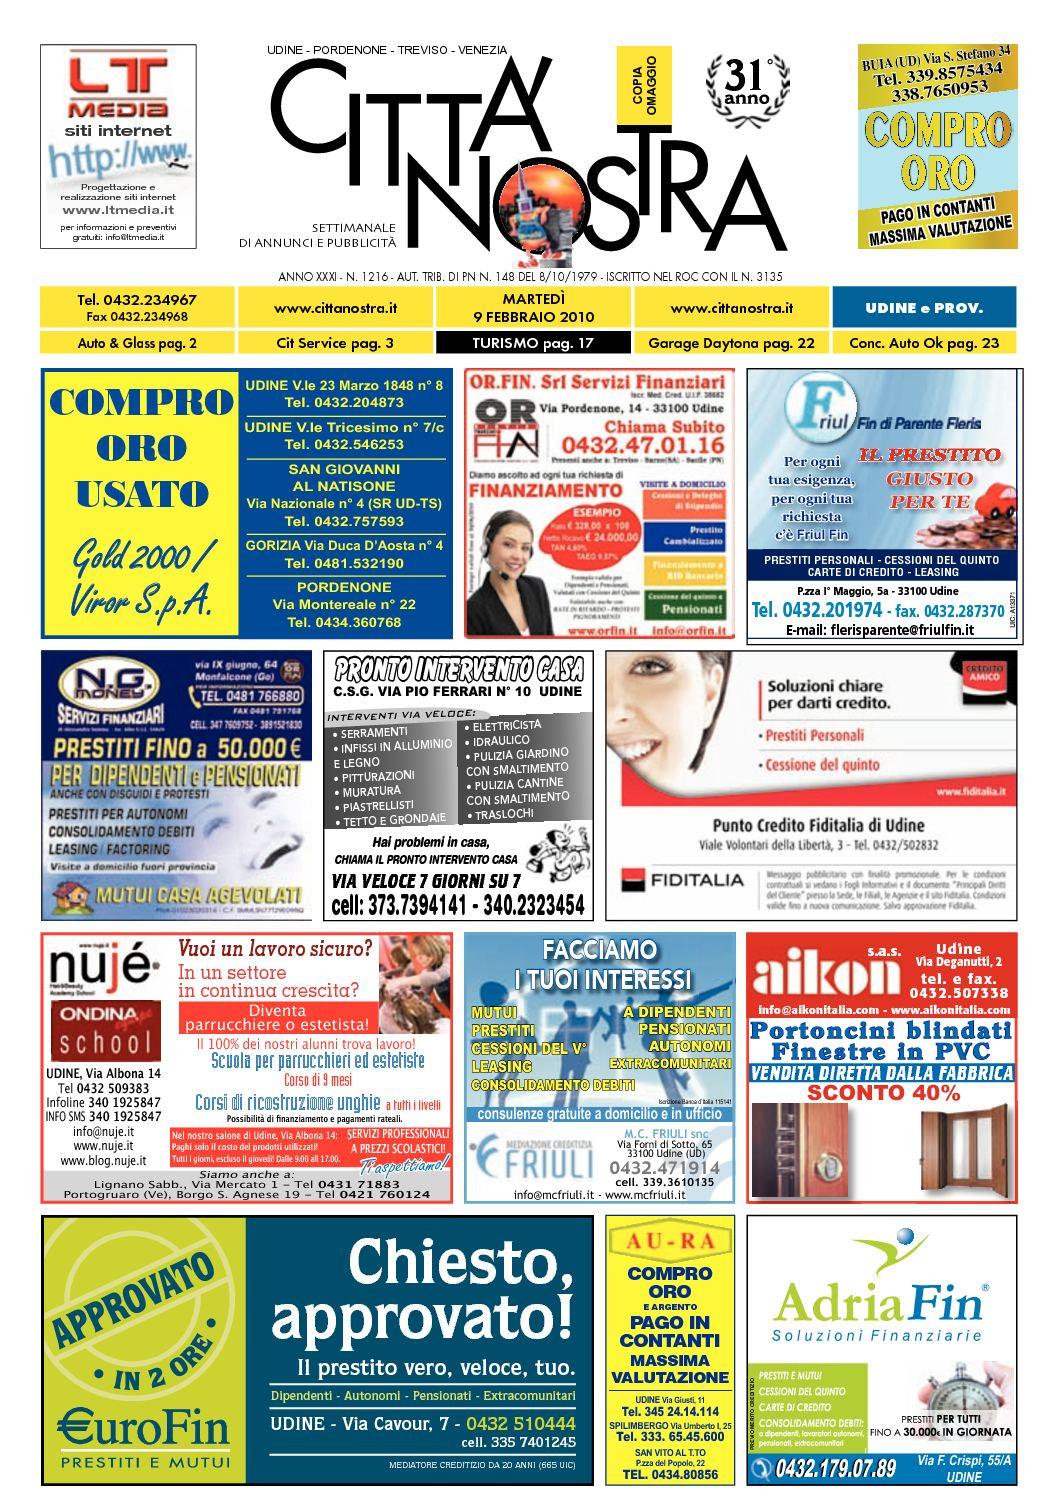 lunotto pannelli frontali posteriori PARASOLE VOLVO v70 STATION WAGON ANNO 97-00